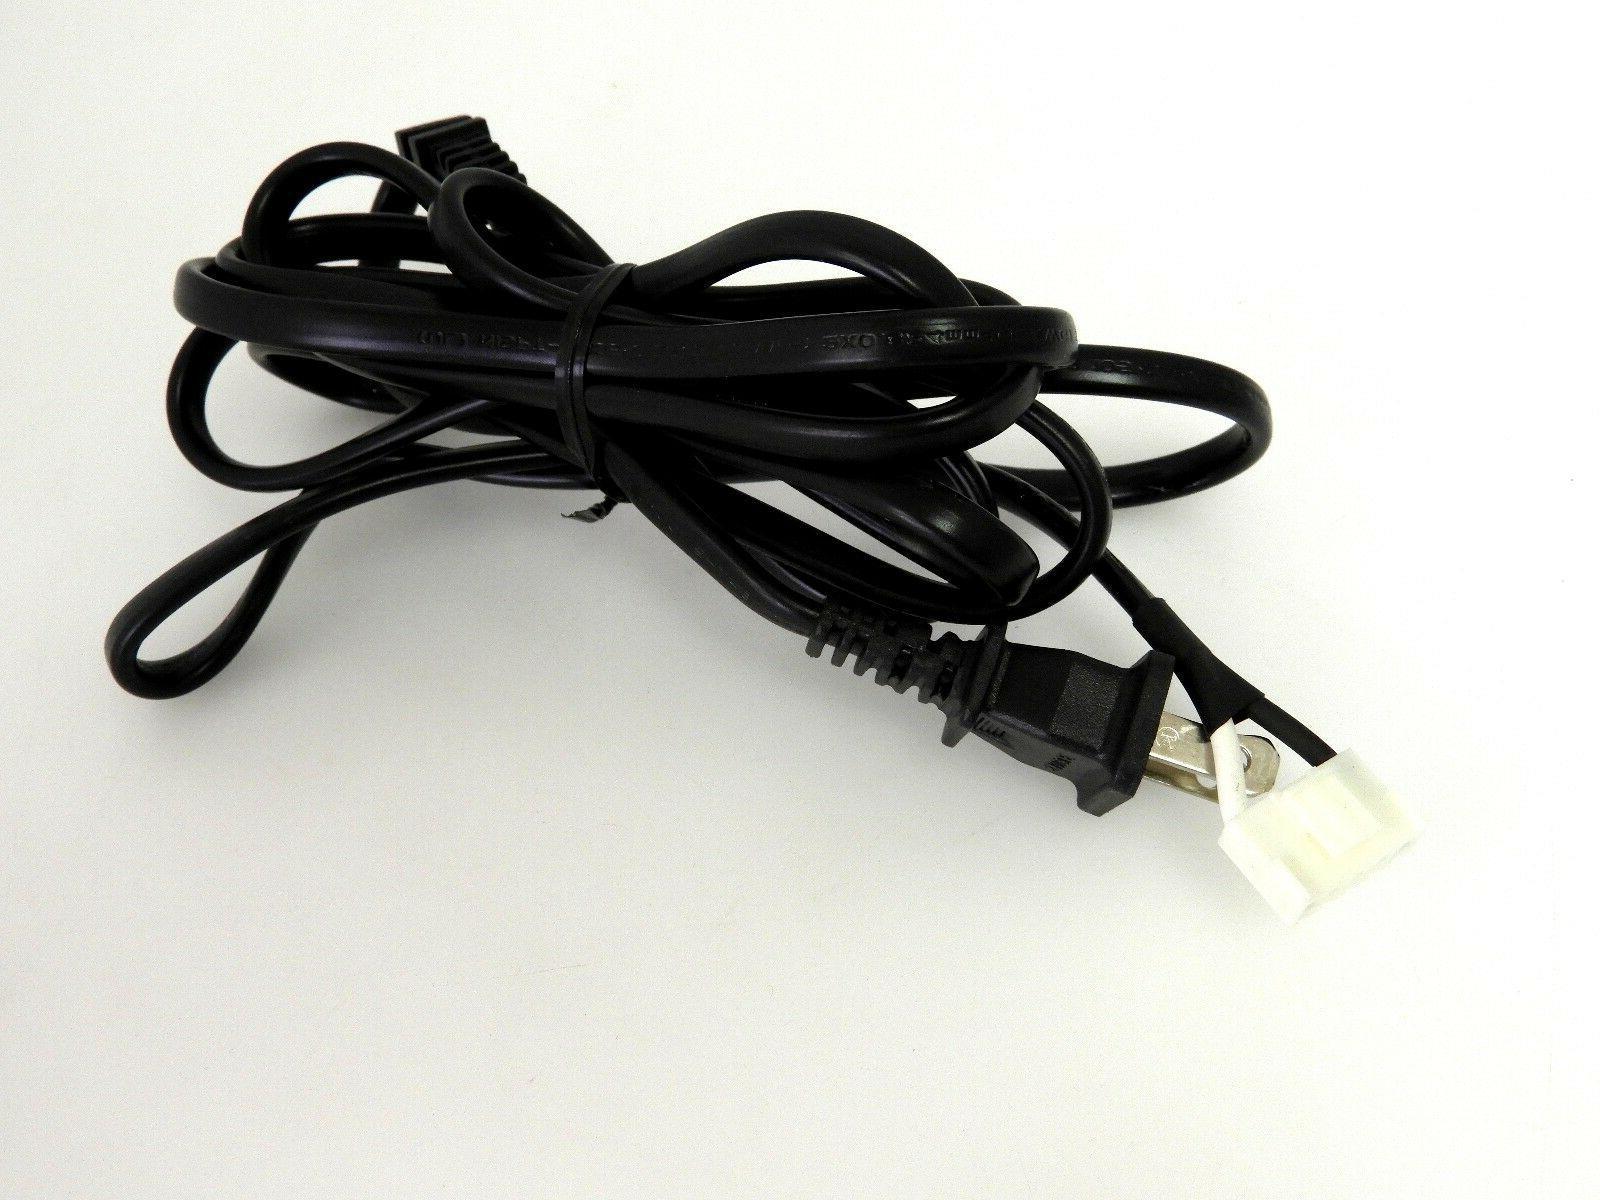 le50e407 tv power cord